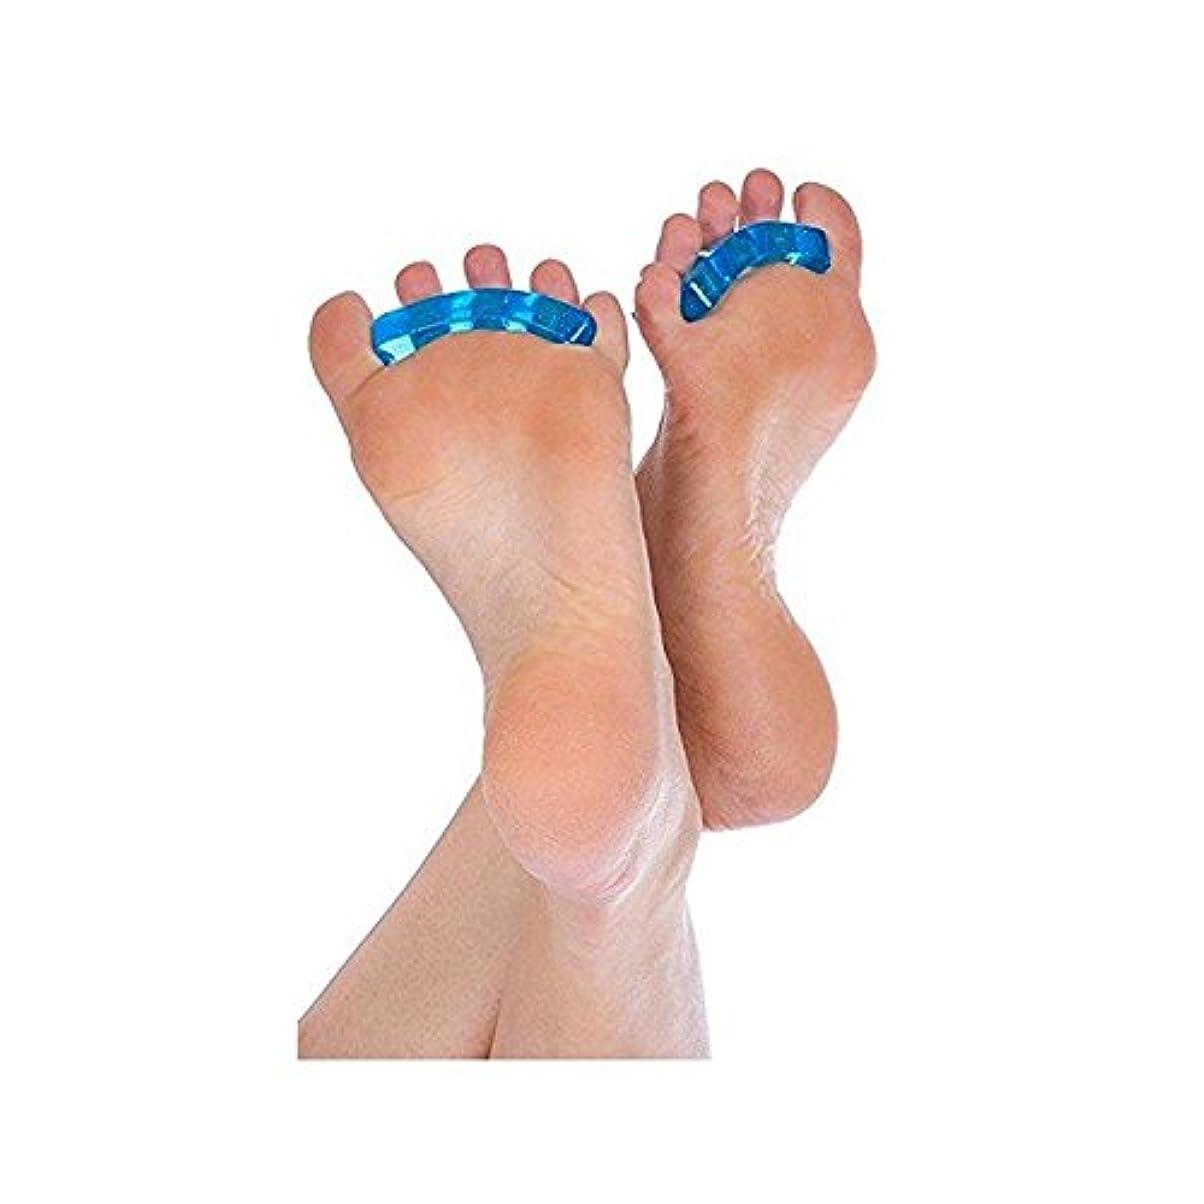 冷凍庫前述のバンドル爪デバイダSEBS指の爪セパレータパッド分離パッドネイル特別な分離ネイルツール6ペア